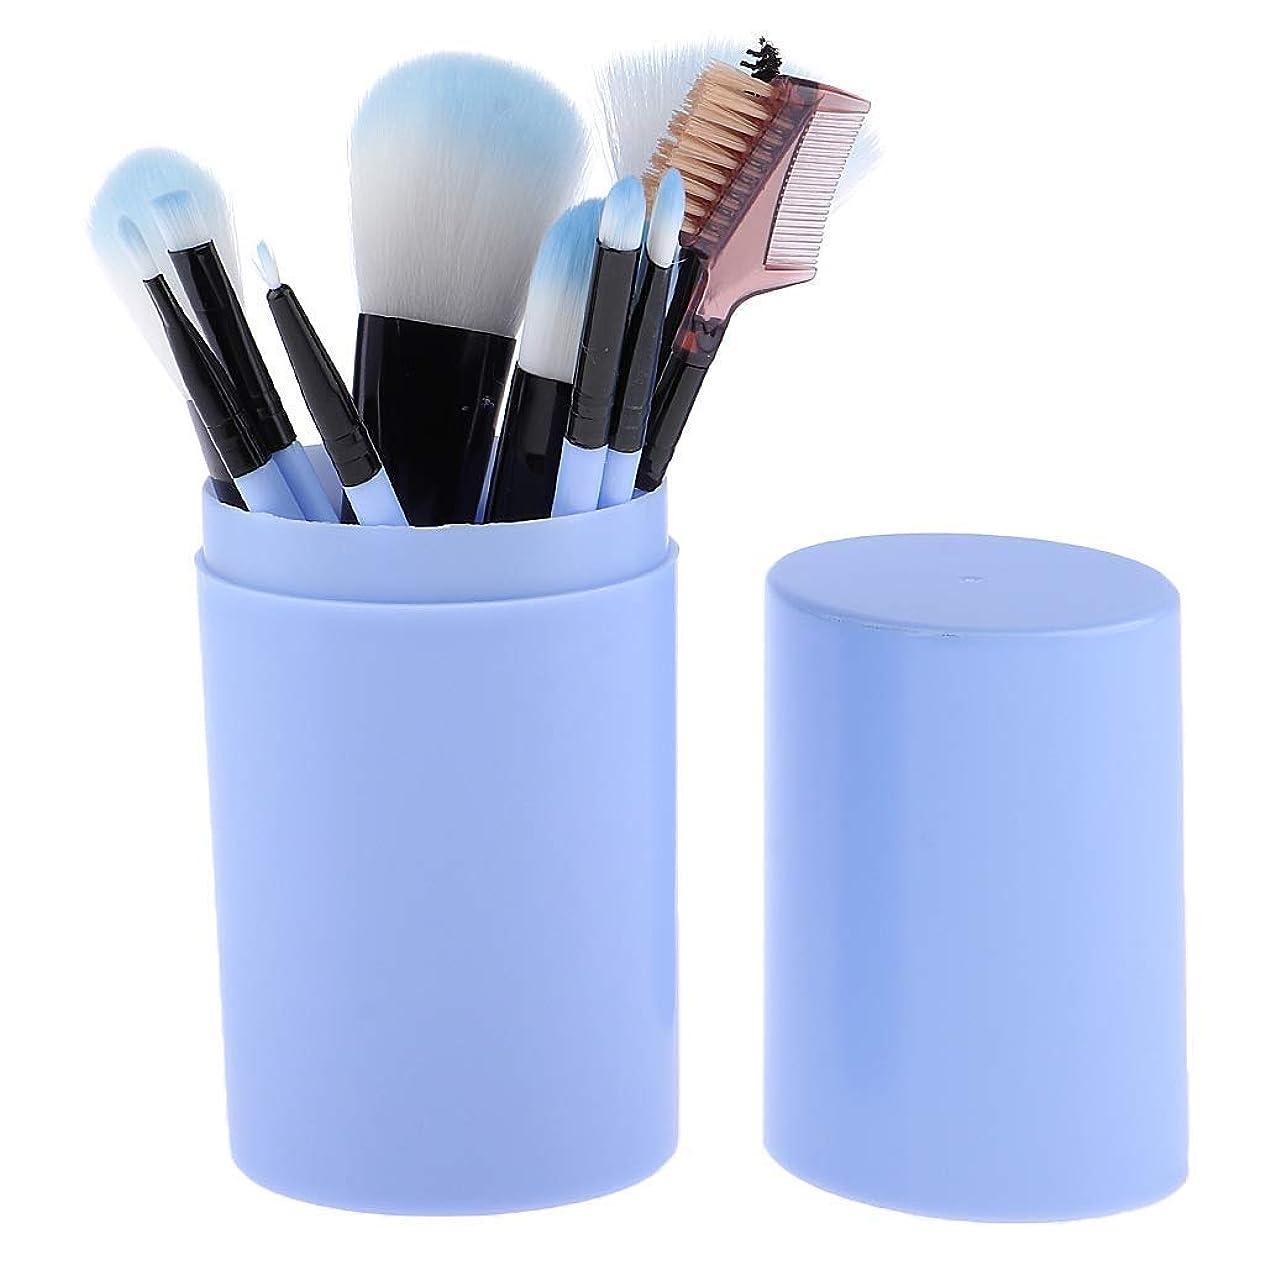 防止ジャム分泌するMakeup brushes 青、スミアのようなリアルな、持ち運びに快適、収納バケット付き化粧ブラシセット付き12ピース高品質木製ハンドル化粧ブラシセット suits (Color : Blue)